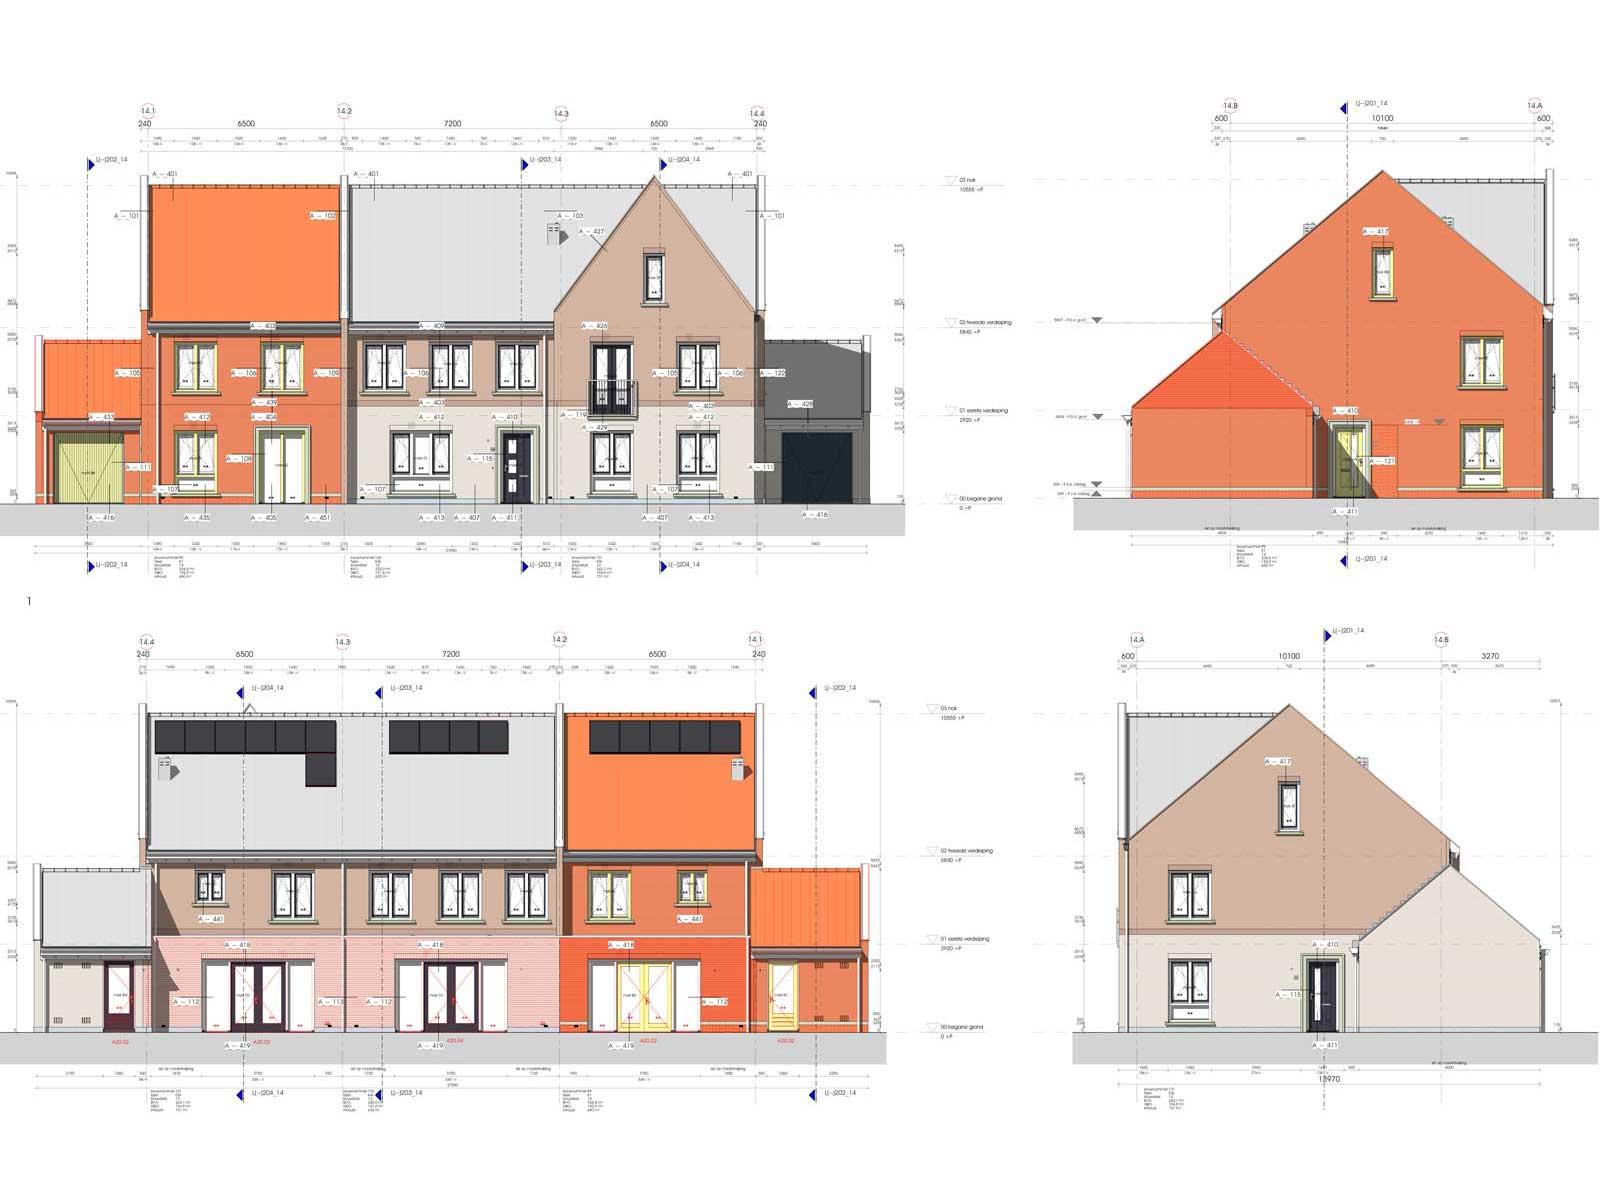 gevelaanzichten blok 14 - Zilverrijk in Schoonhoven